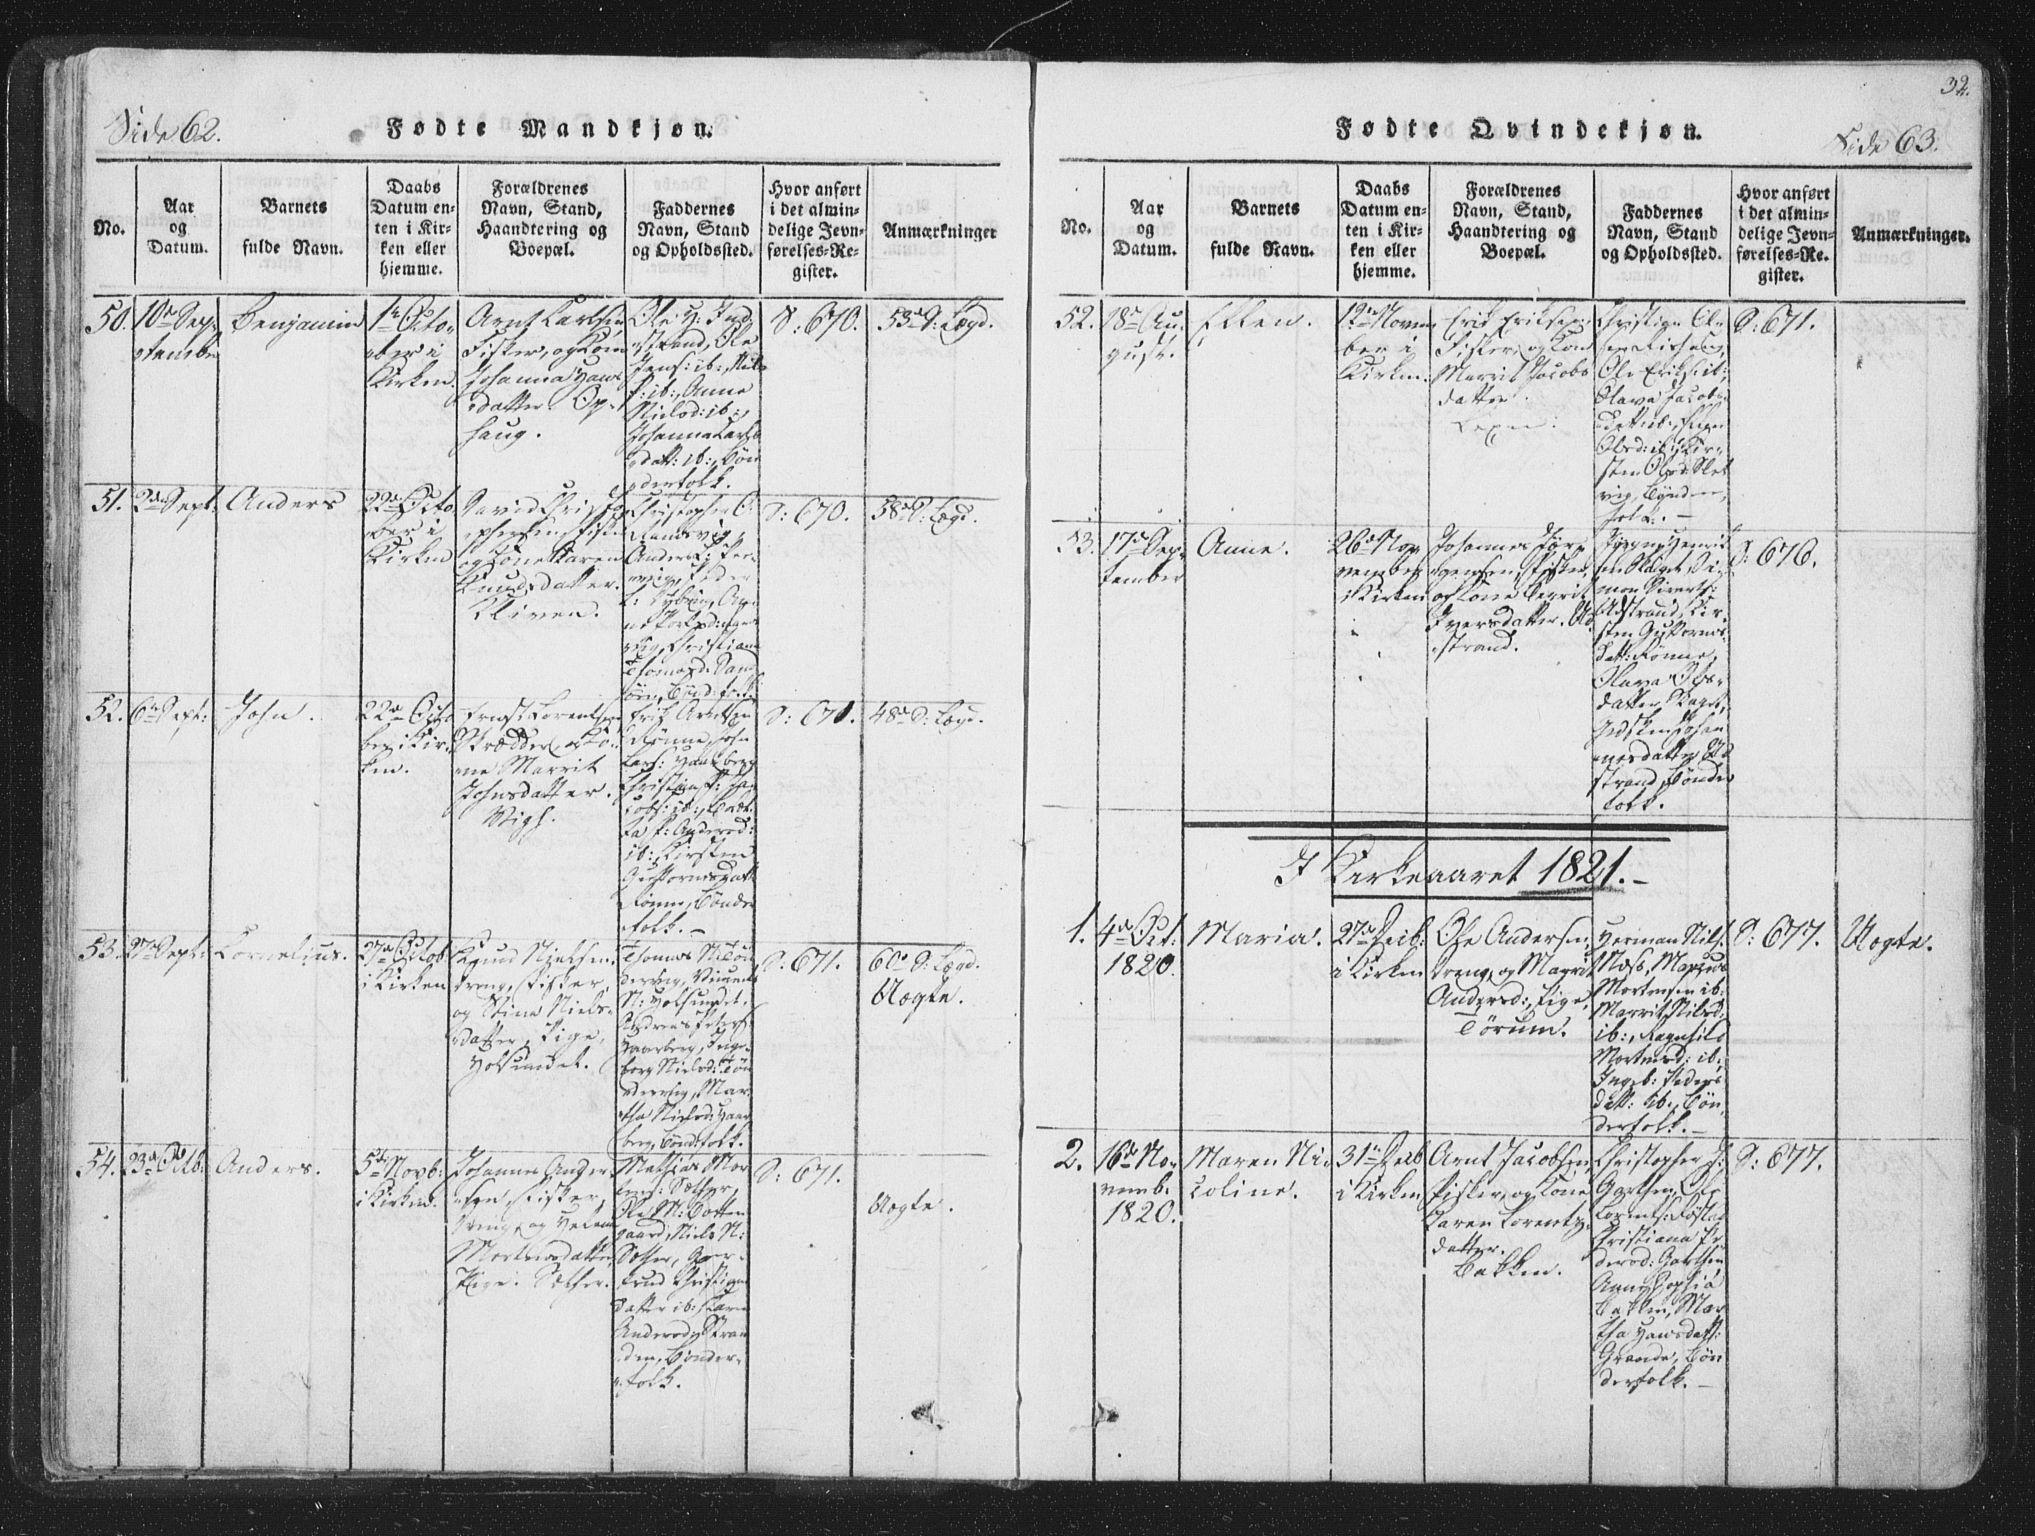 SAT, Ministerialprotokoller, klokkerbøker og fødselsregistre - Sør-Trøndelag, 659/L0734: Ministerialbok nr. 659A04, 1818-1825, s. 62-63